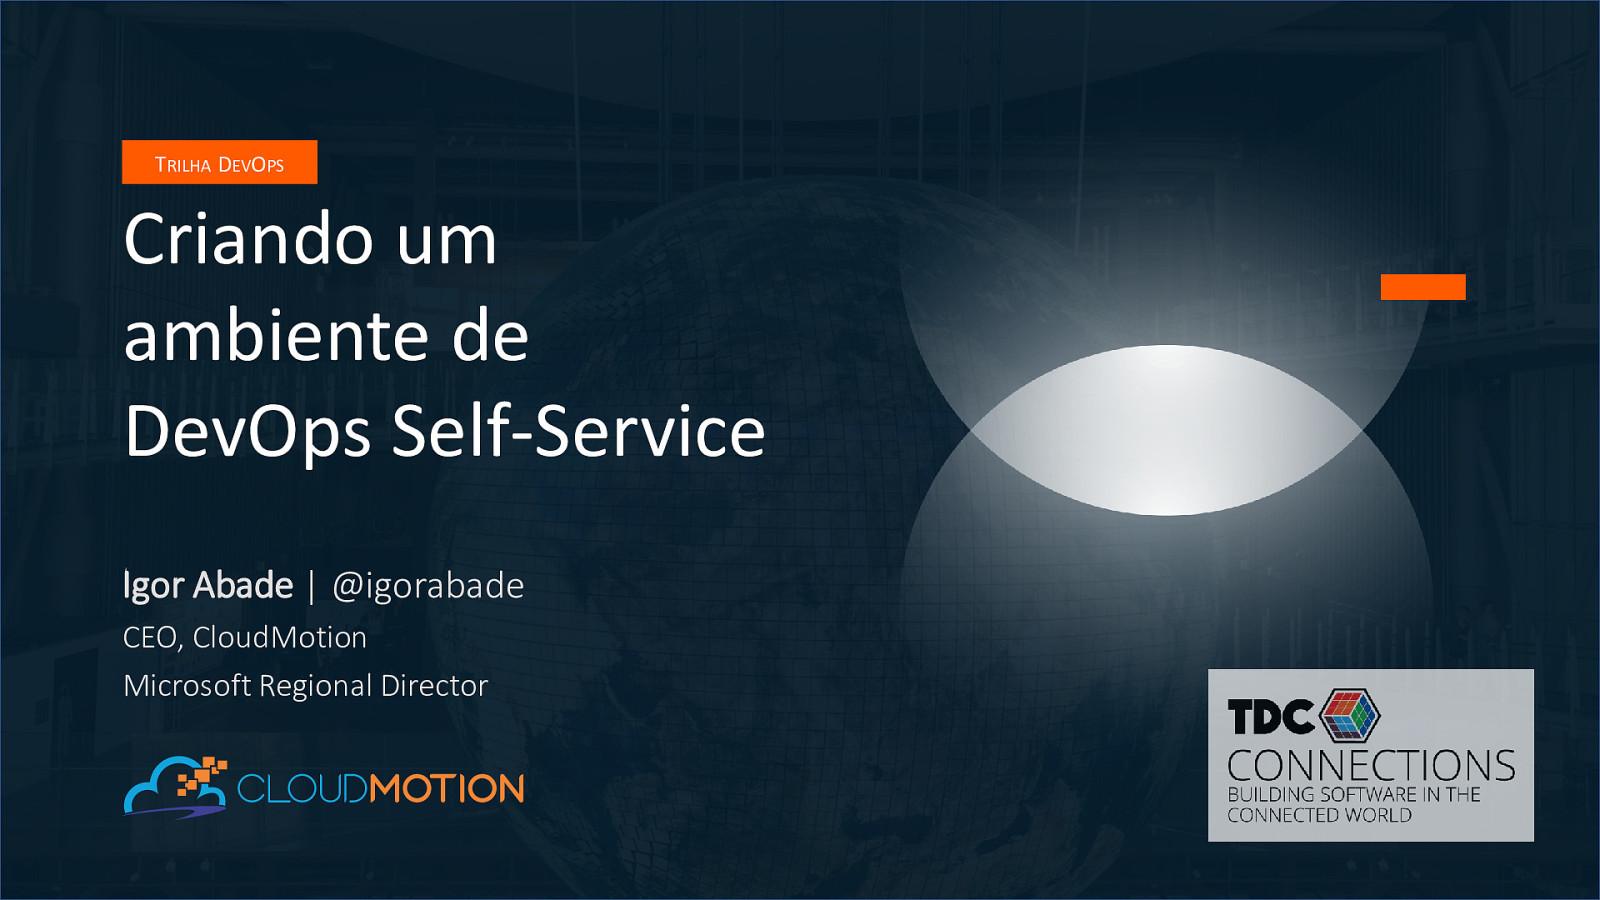 Criando um ambiente de DevOps Self-Service